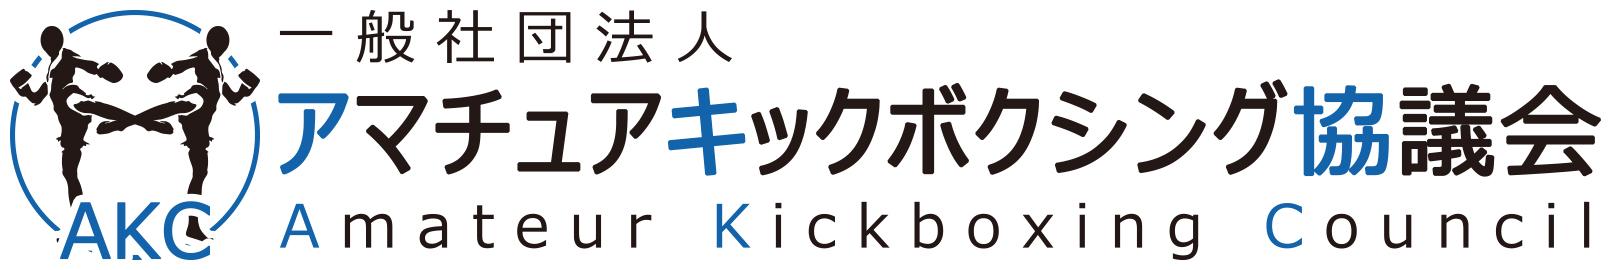 アマチュアキックボクシング協議会(AKC)